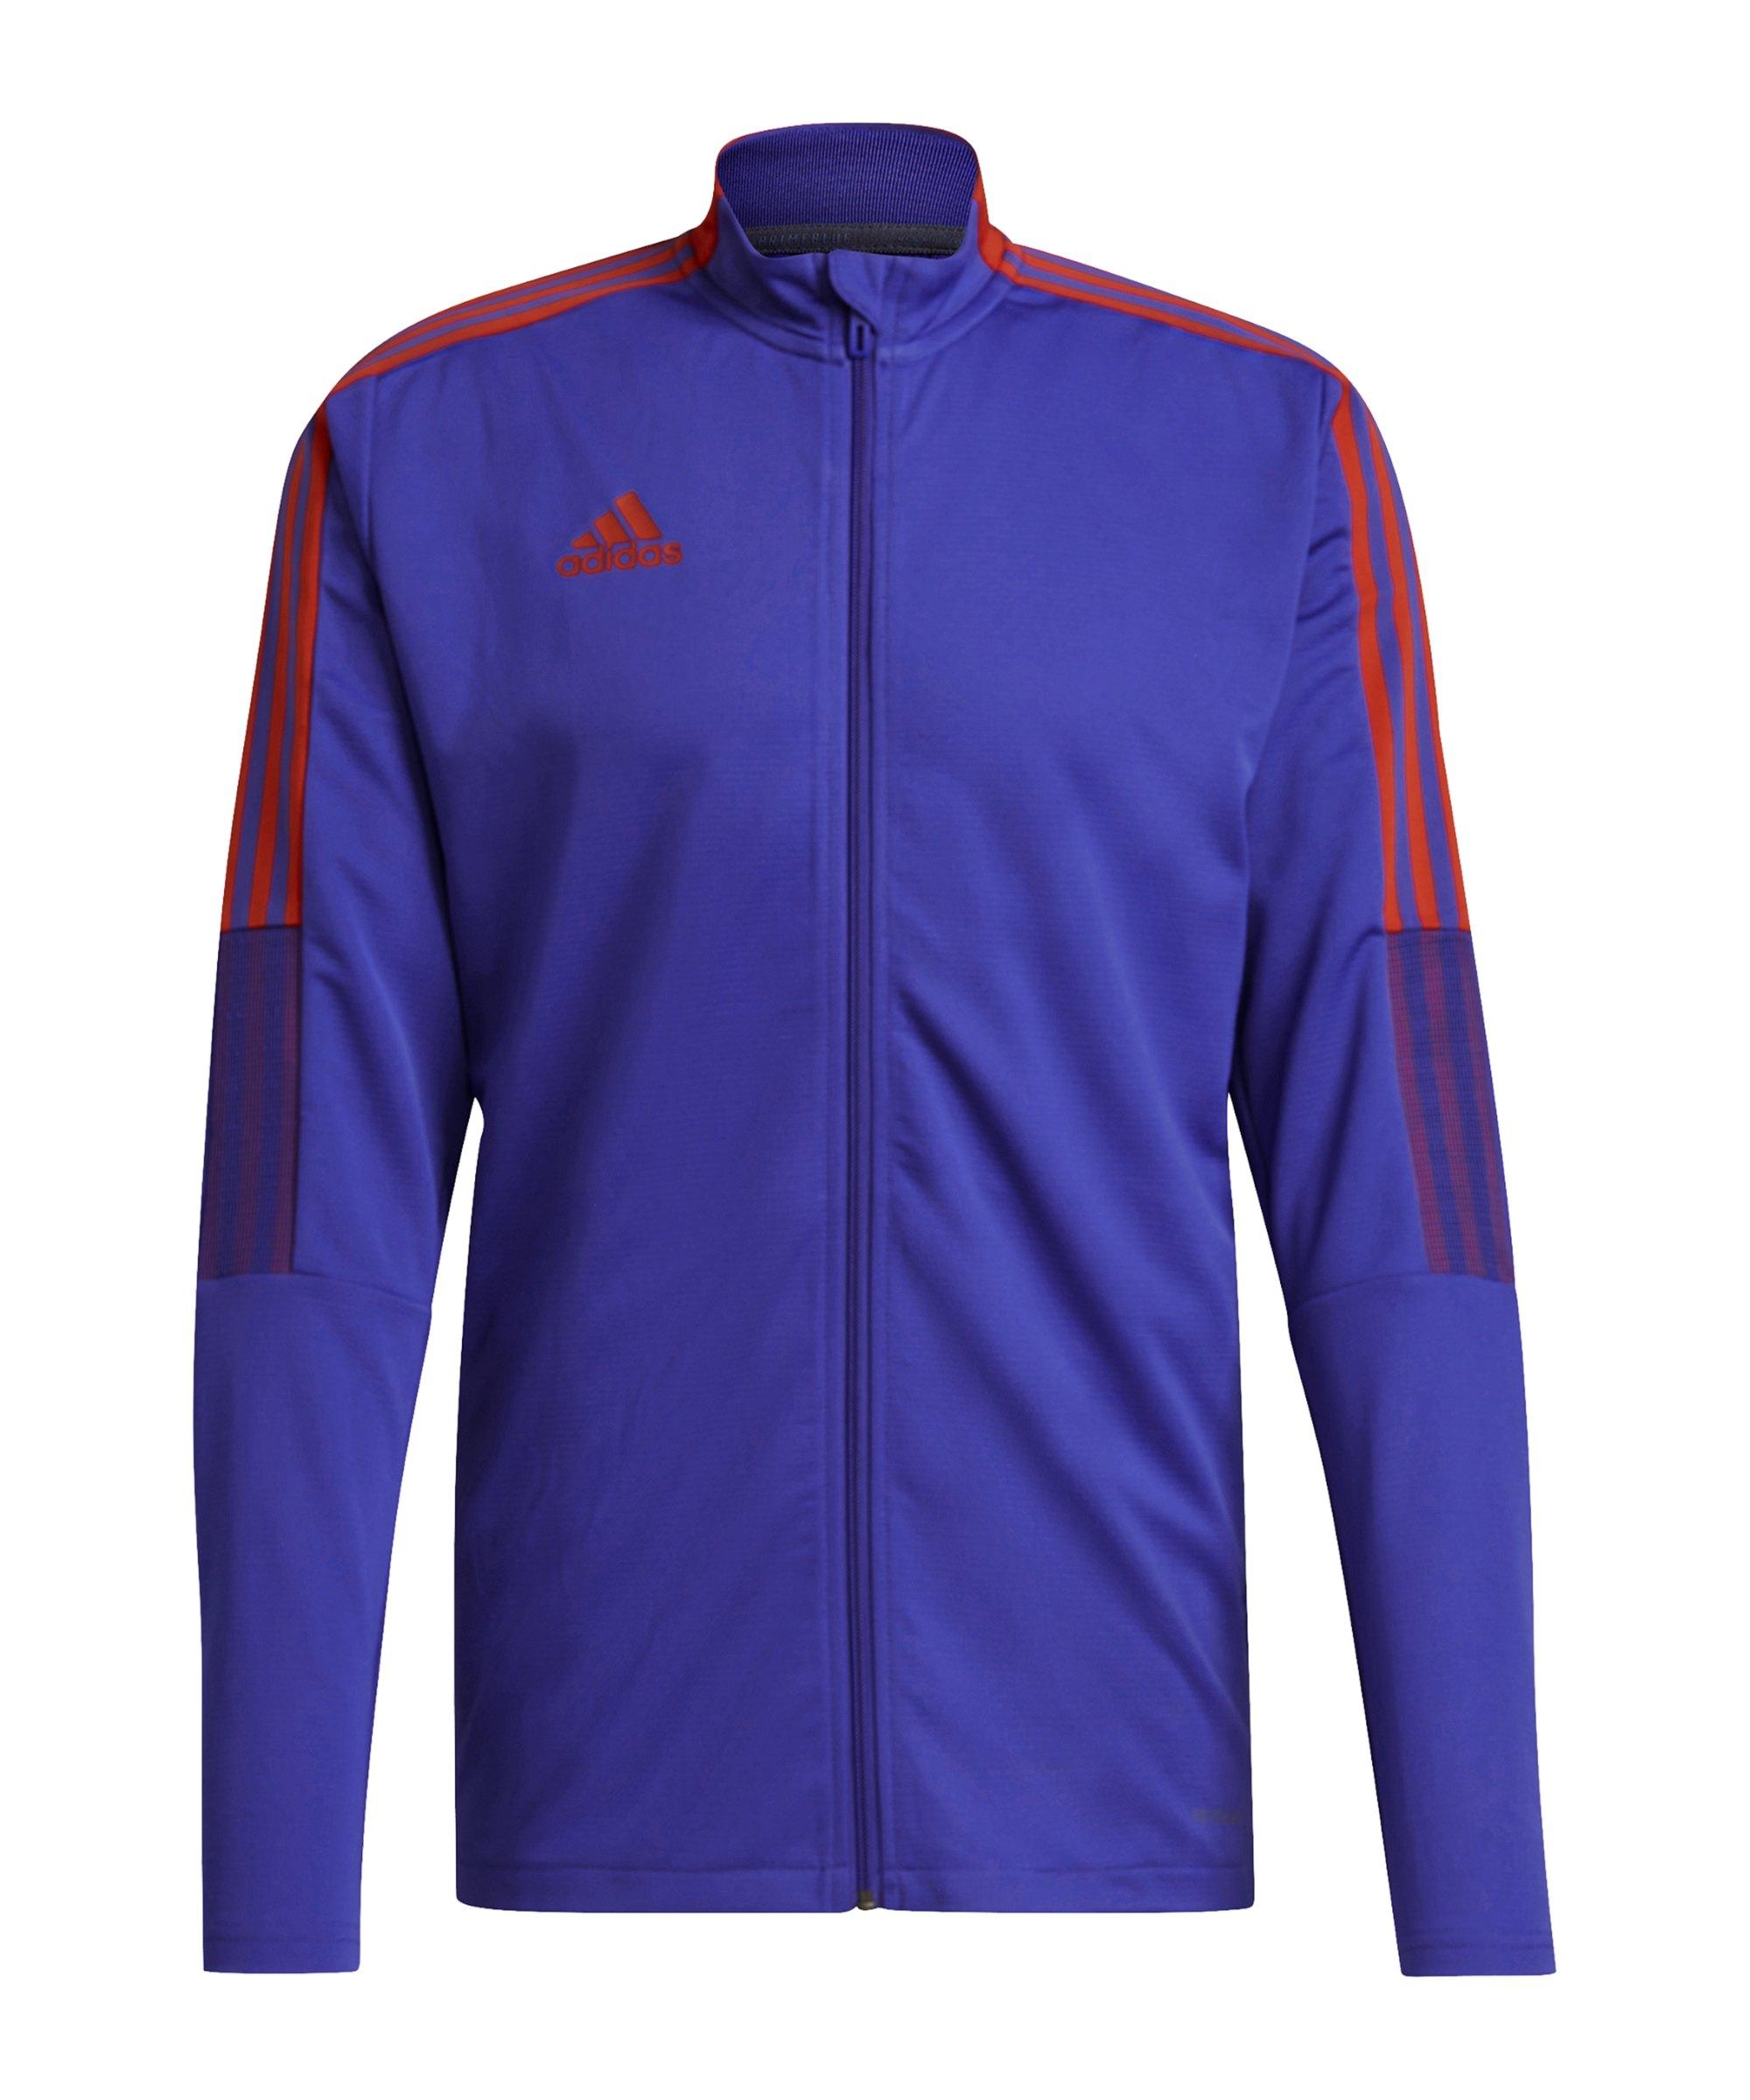 adidas Tiro Primeblue Trainingsjacke Blau - blau